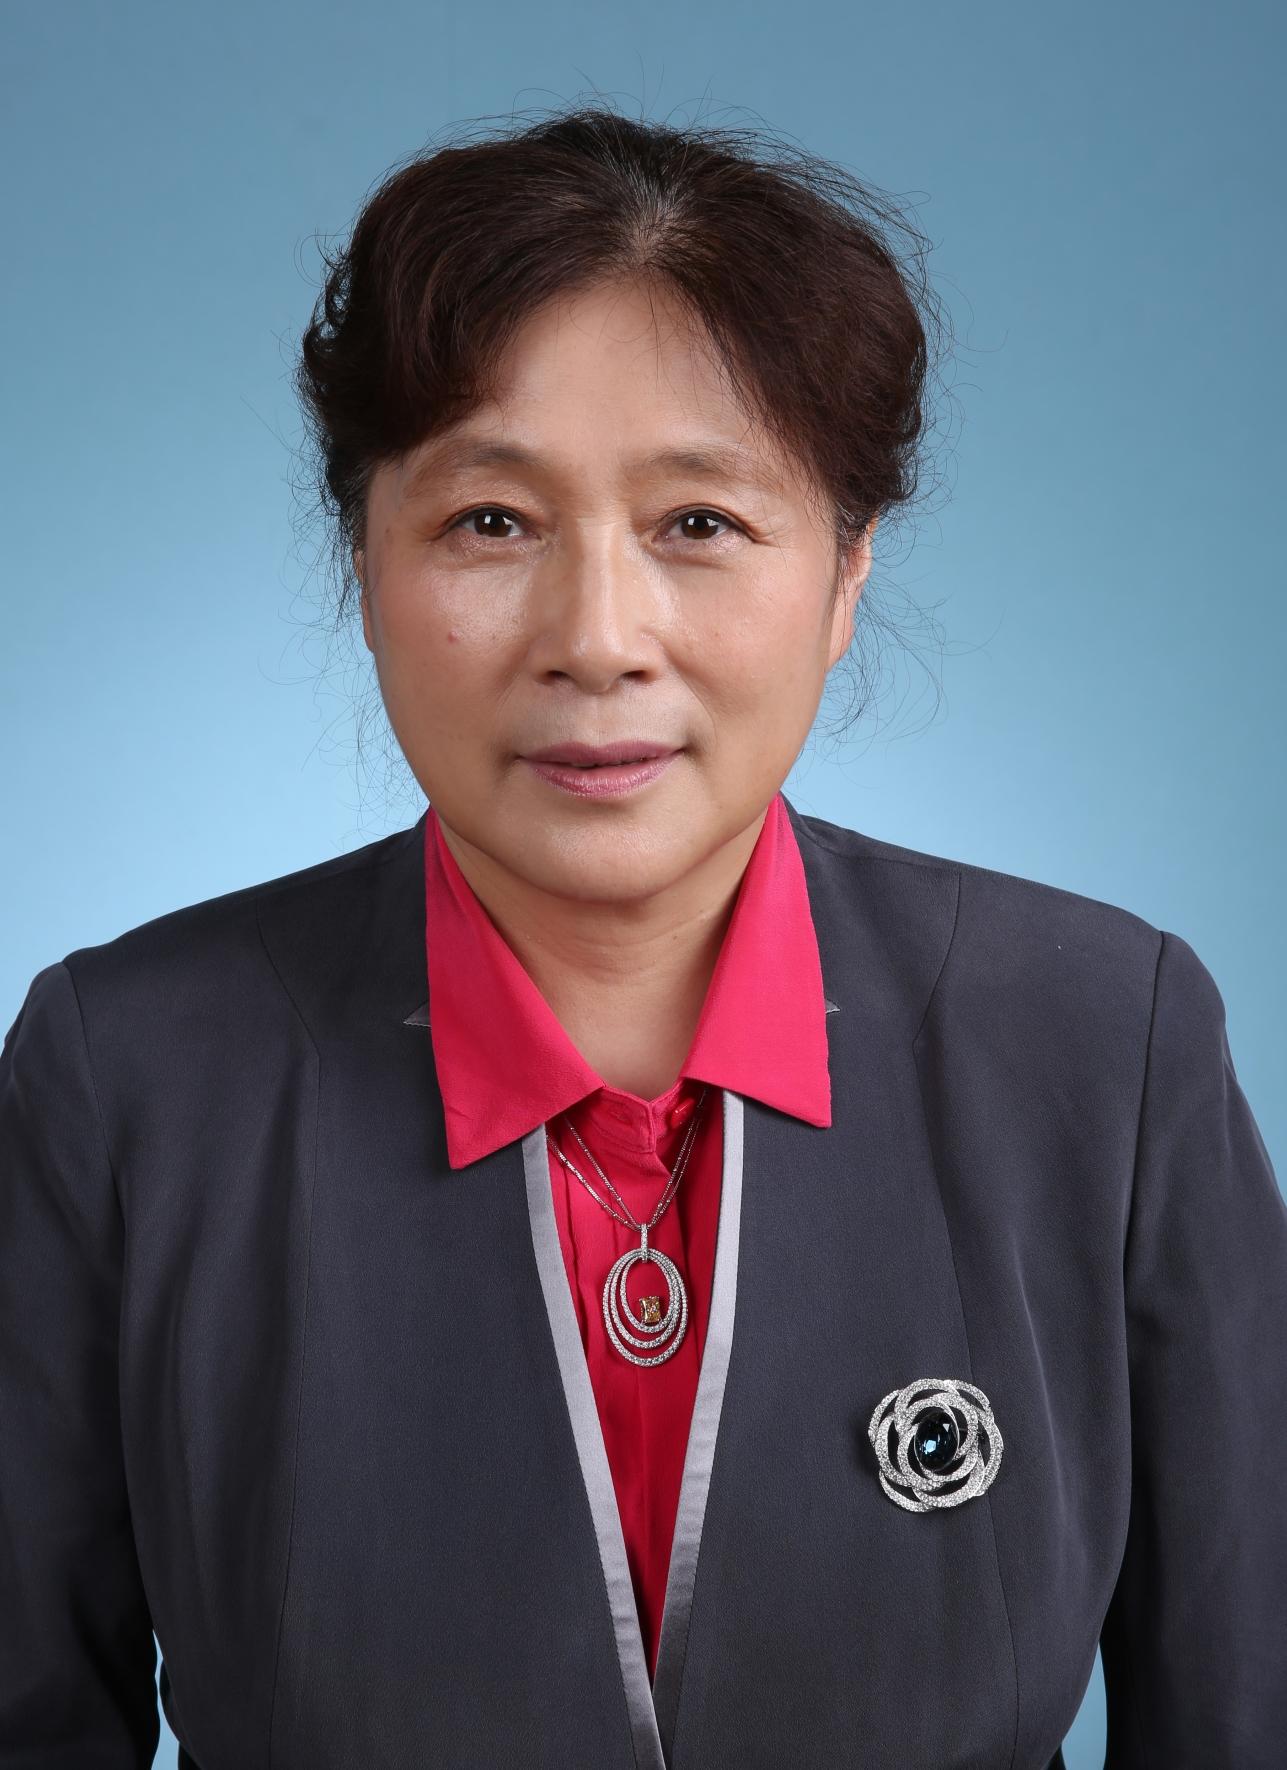 钱家鸣_看图王.jpg